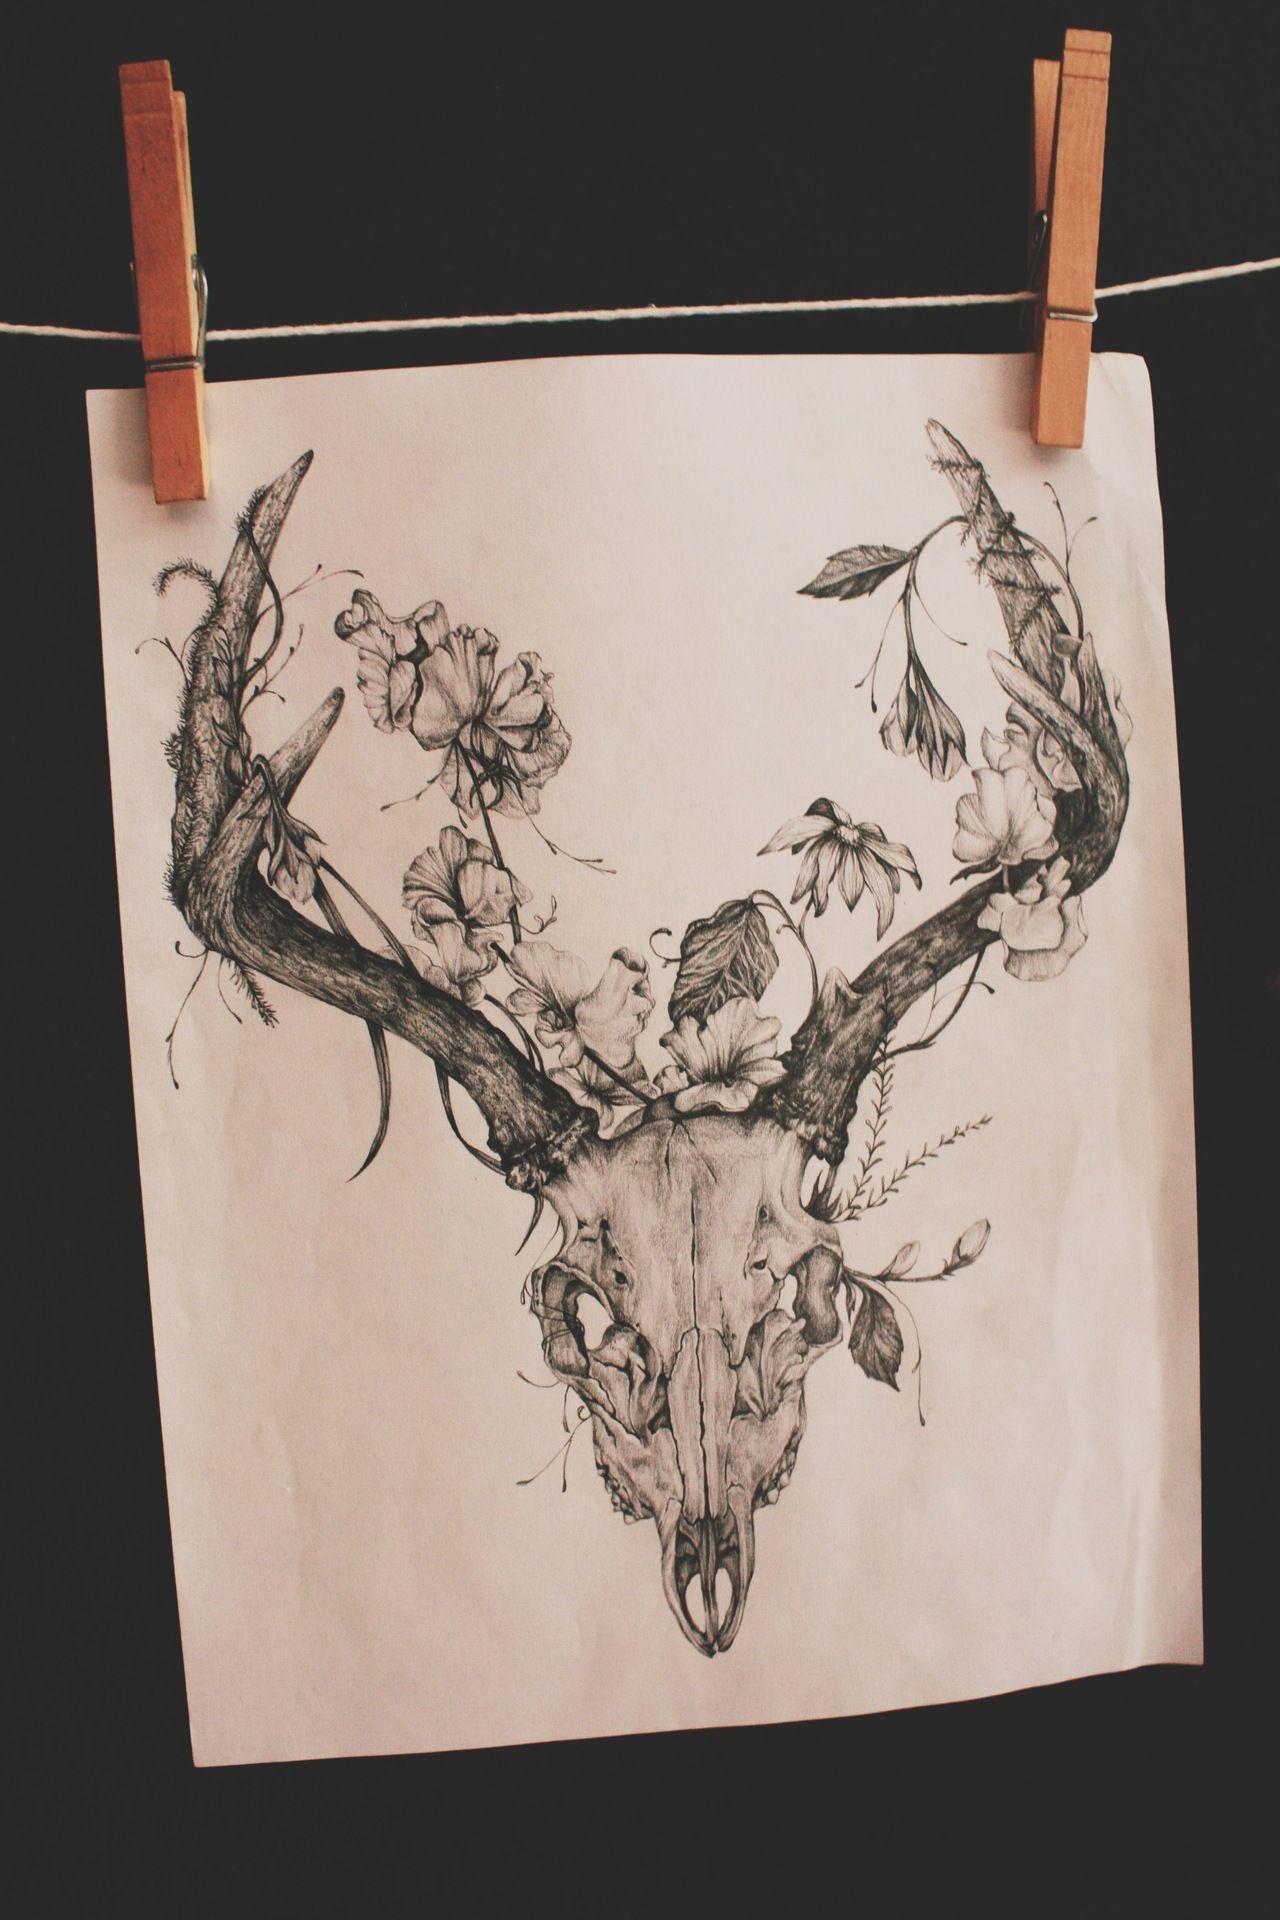 Daddys girl tattoo ideas art beautiful walnutanddenimtumblr  tat  pinterest